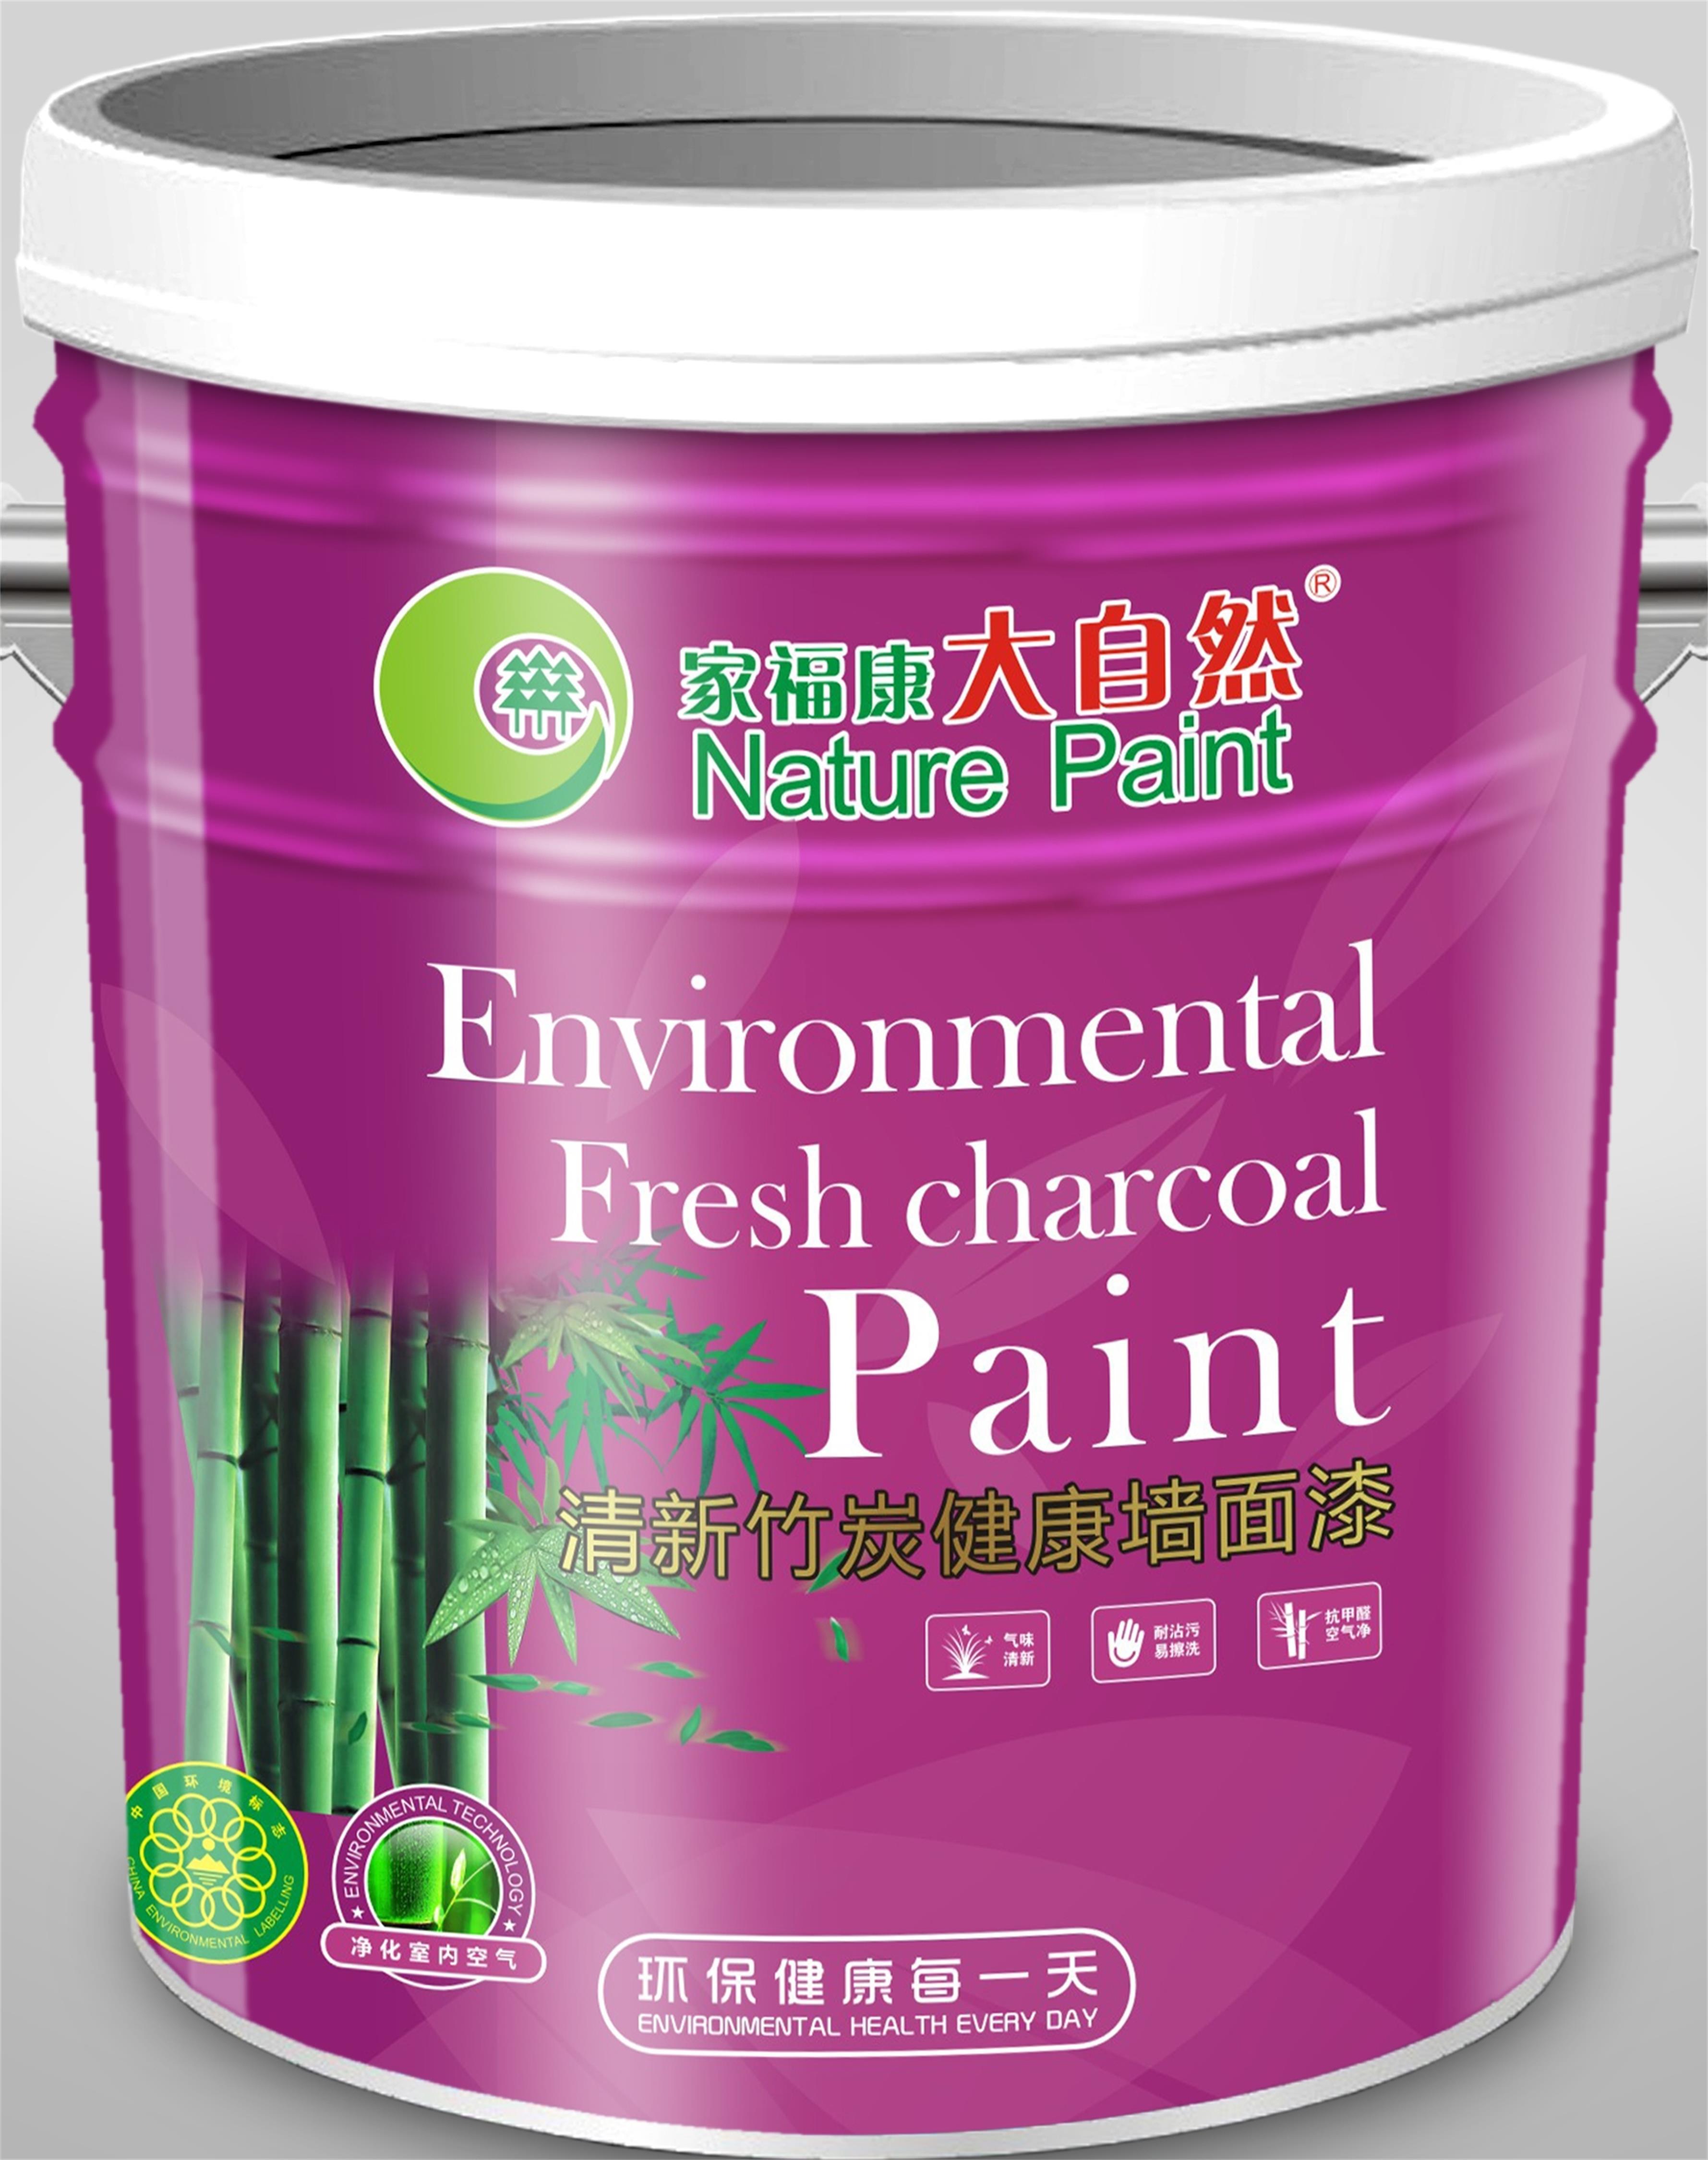 环保油漆十大品牌大自然漆,免费代理加盟送好礼